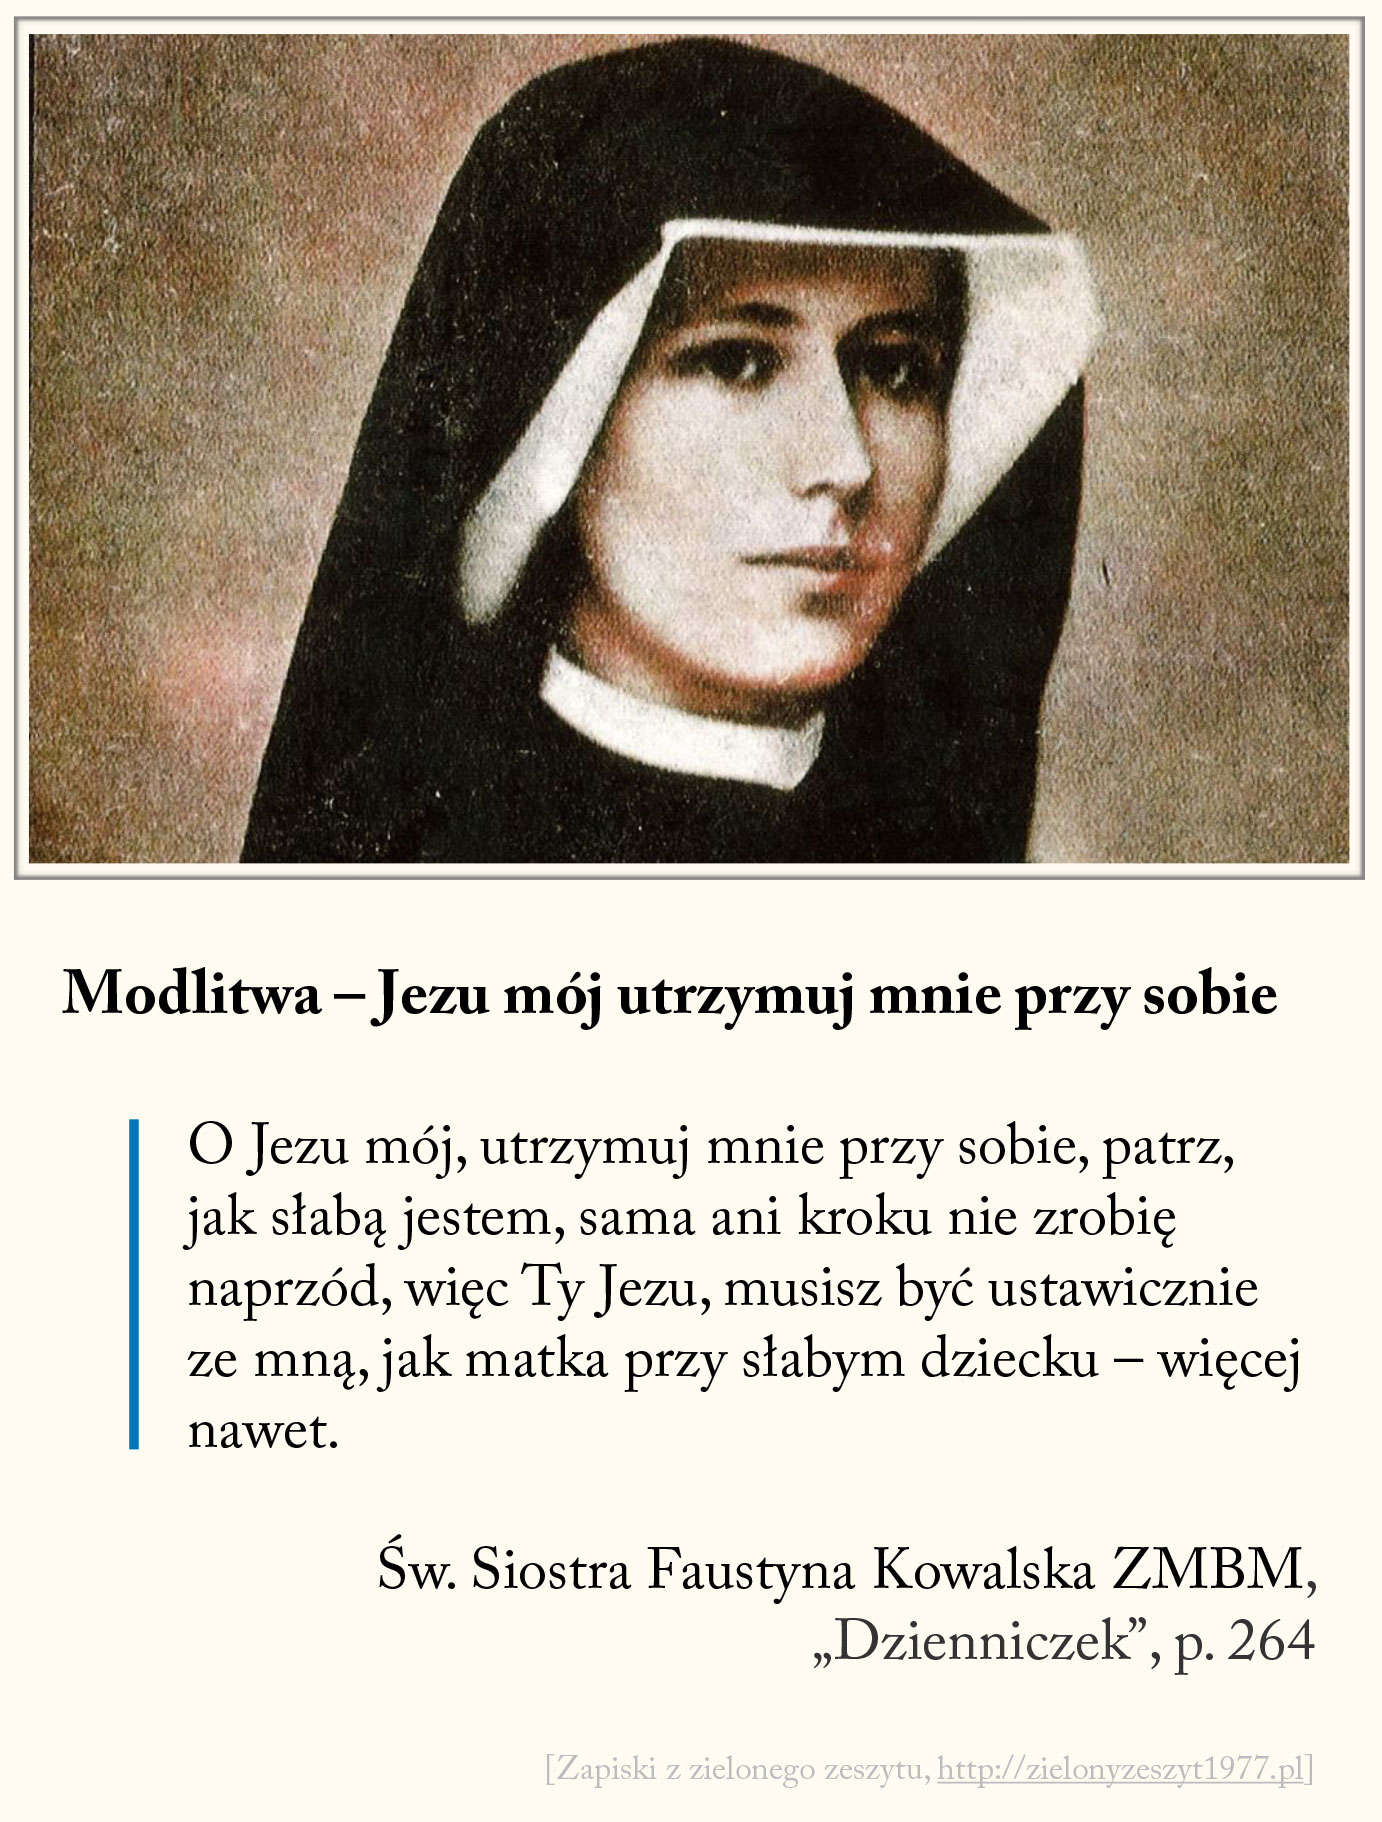 Modlitwa - Jezu mój utrzymuj mnie przy sobie, św. Faustyna Kowalska